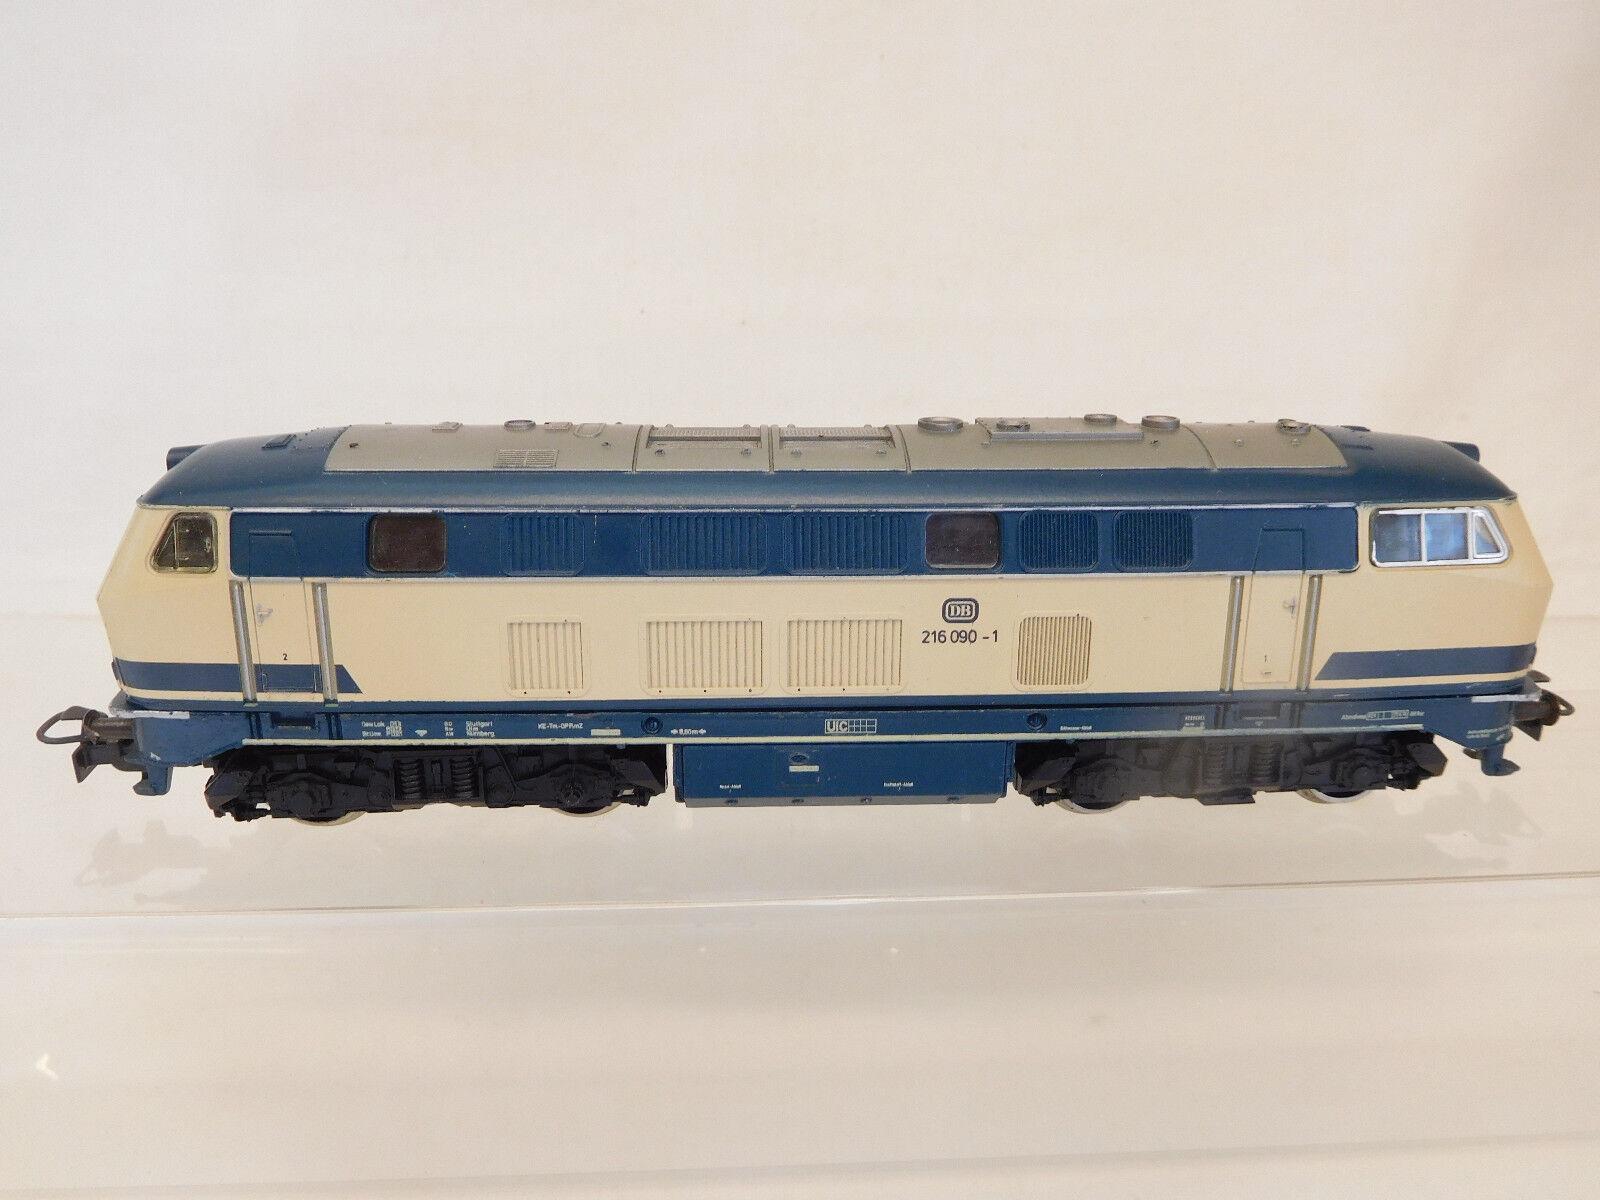 Mes-58553 Märklin h0 diesellok DB 216090-1 función probado